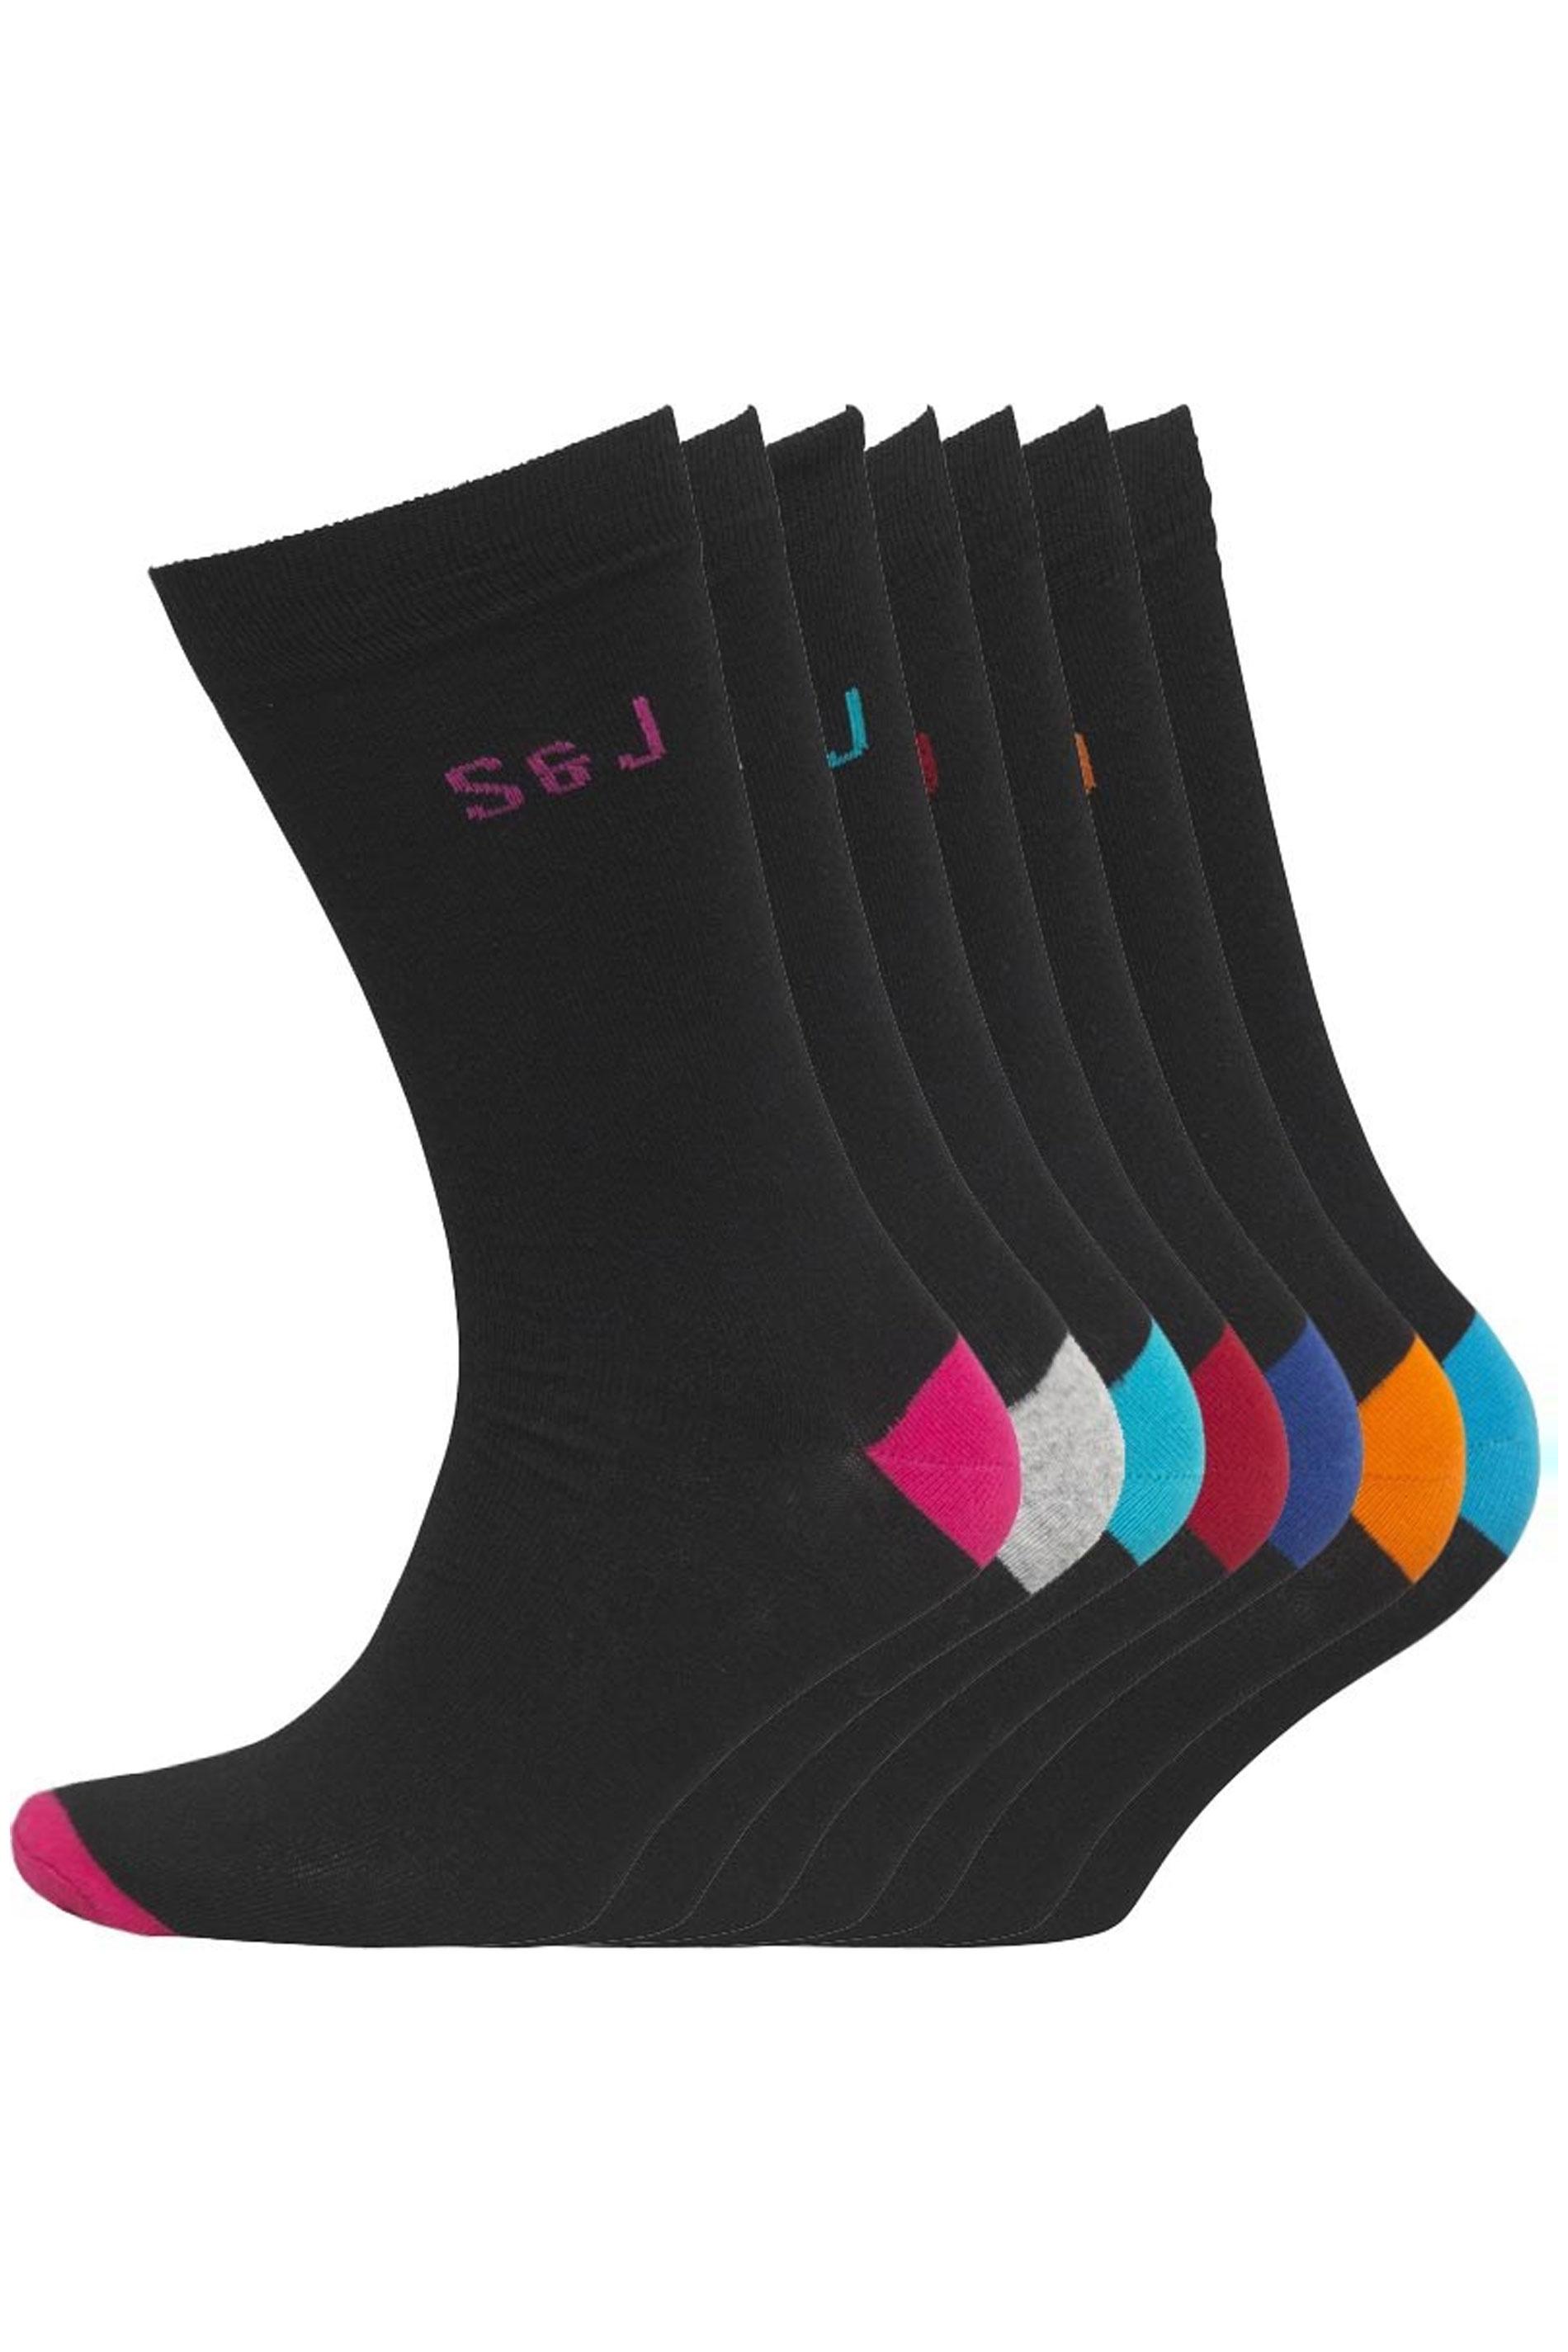 SMITH & JONES Multi Balerno Socks 7 Pack